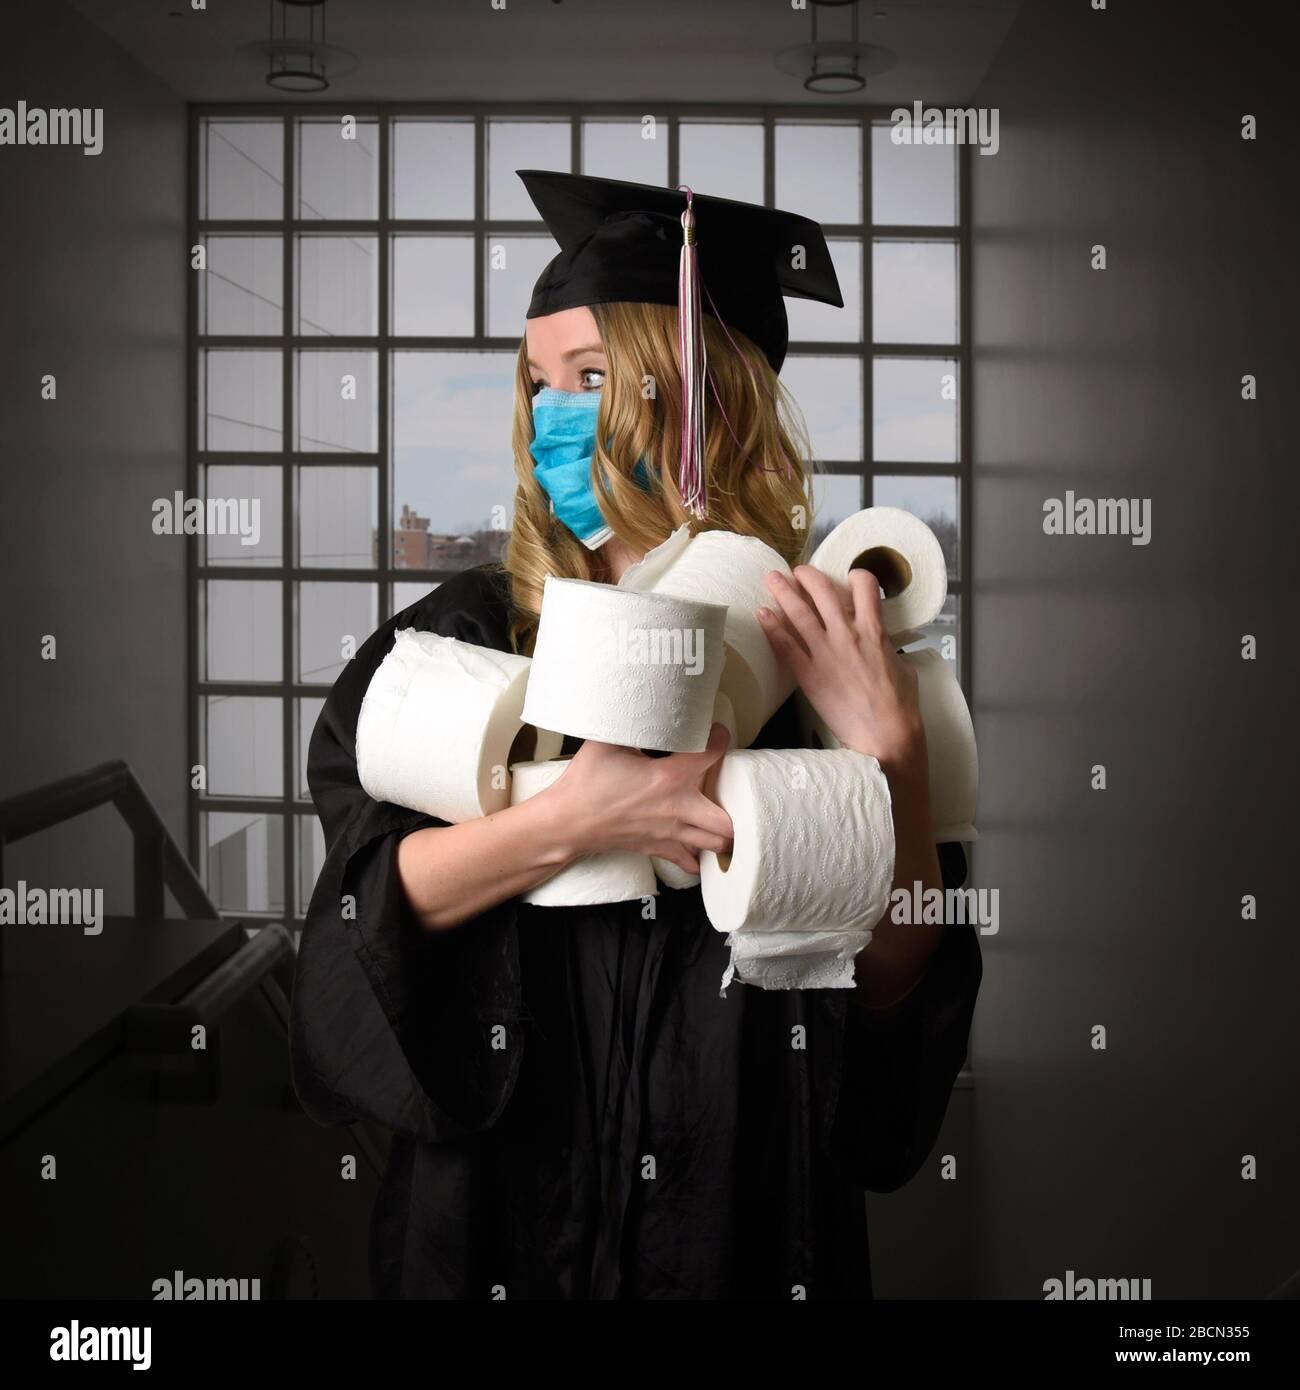 Un diplômé supérieur de la classe 2020 obtient un diplôme à l'intérieur de la conservation du papier toilette comme un concept de portrait humoristique. Banque D'Images